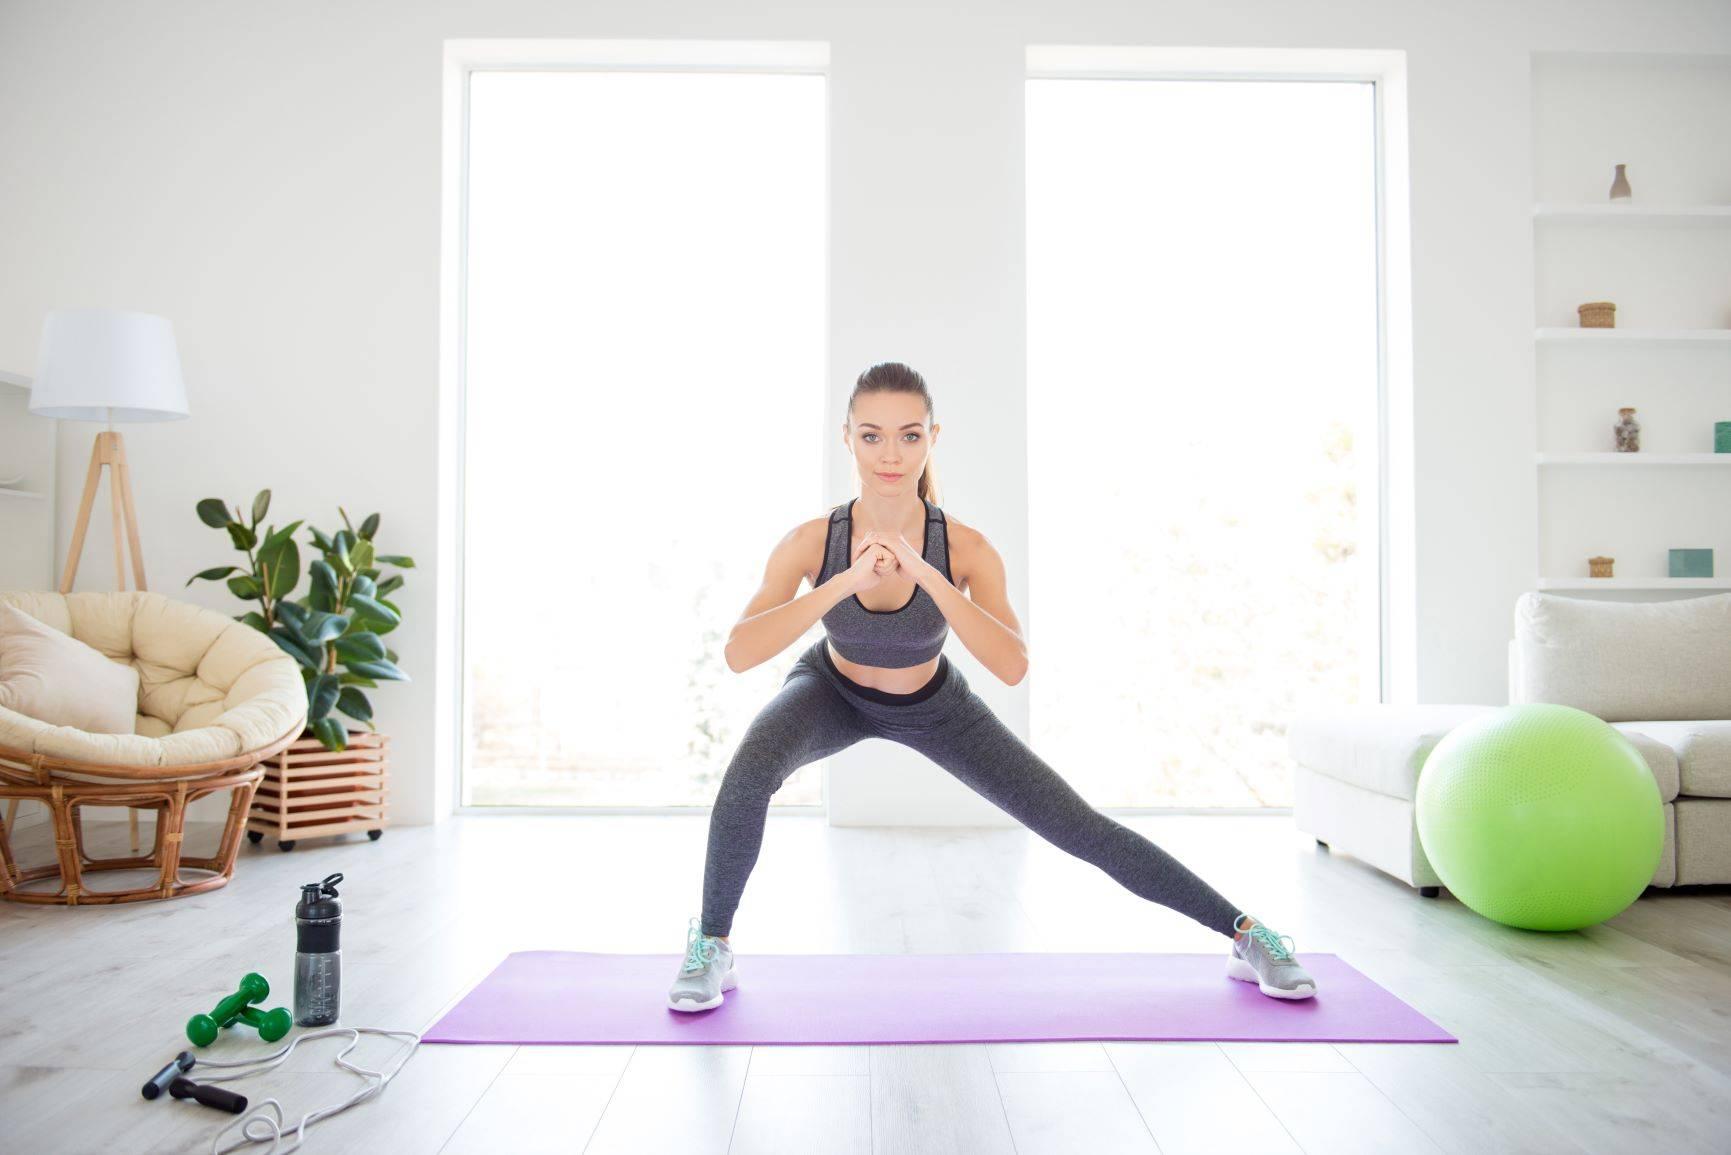 Tabata - szybkie, intensywne ćwiczenia w domu. Kobieta ćwiczy na macie w salonie.